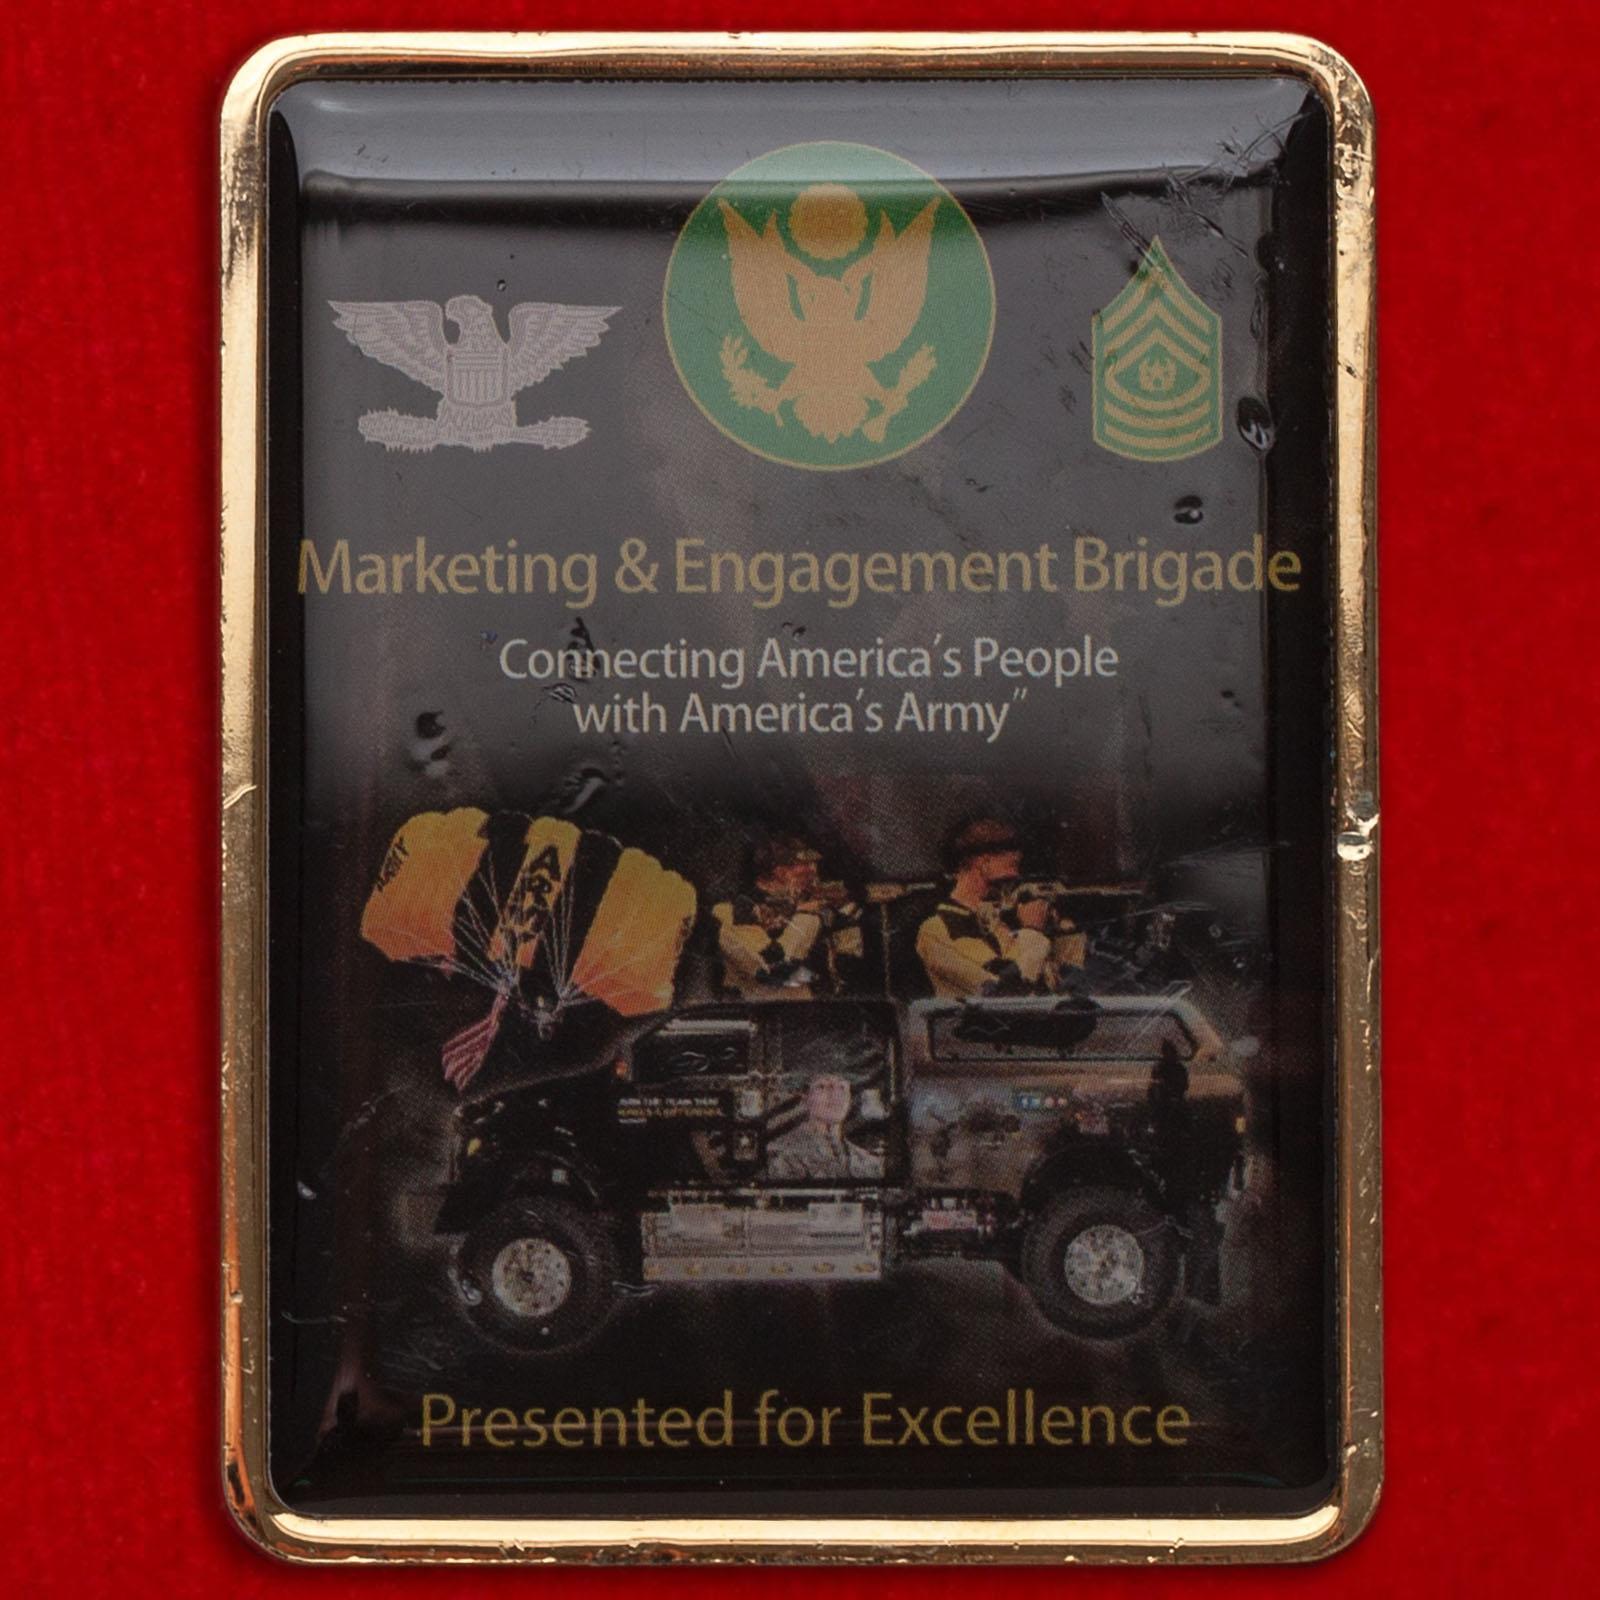 Челлендж коин За отличие в службе в бригаде по маркетингу и взаимодействию с общественностью Армии США, база Форт-Нокс